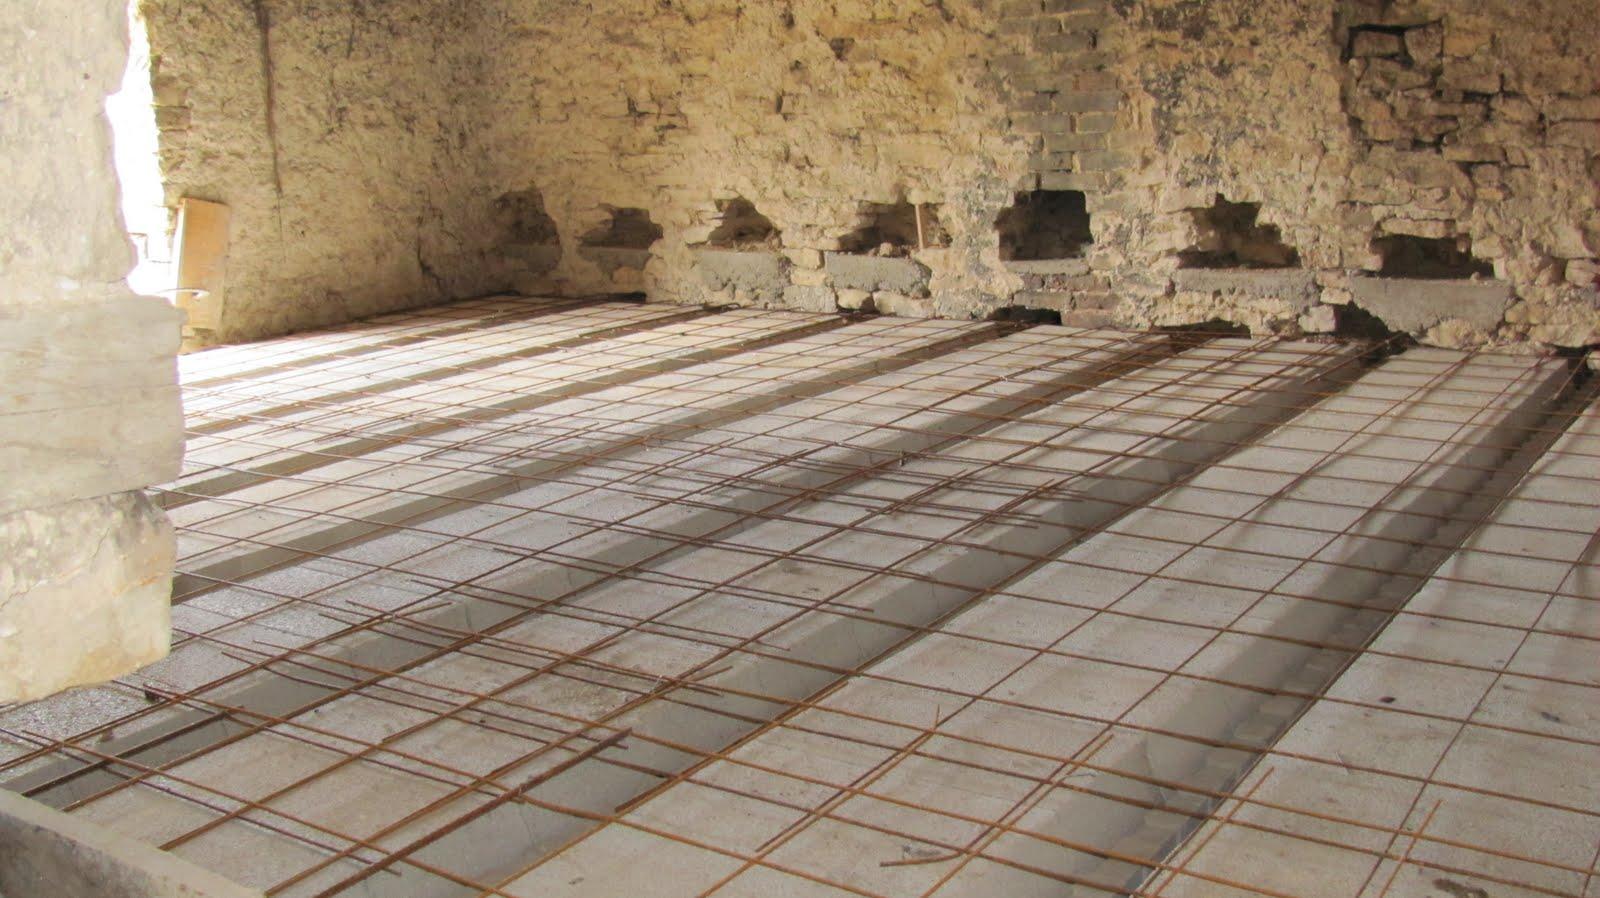 Ma onnerie r novation d 39 une ferme d molition d 39 un for Plancher chauffant en renovation